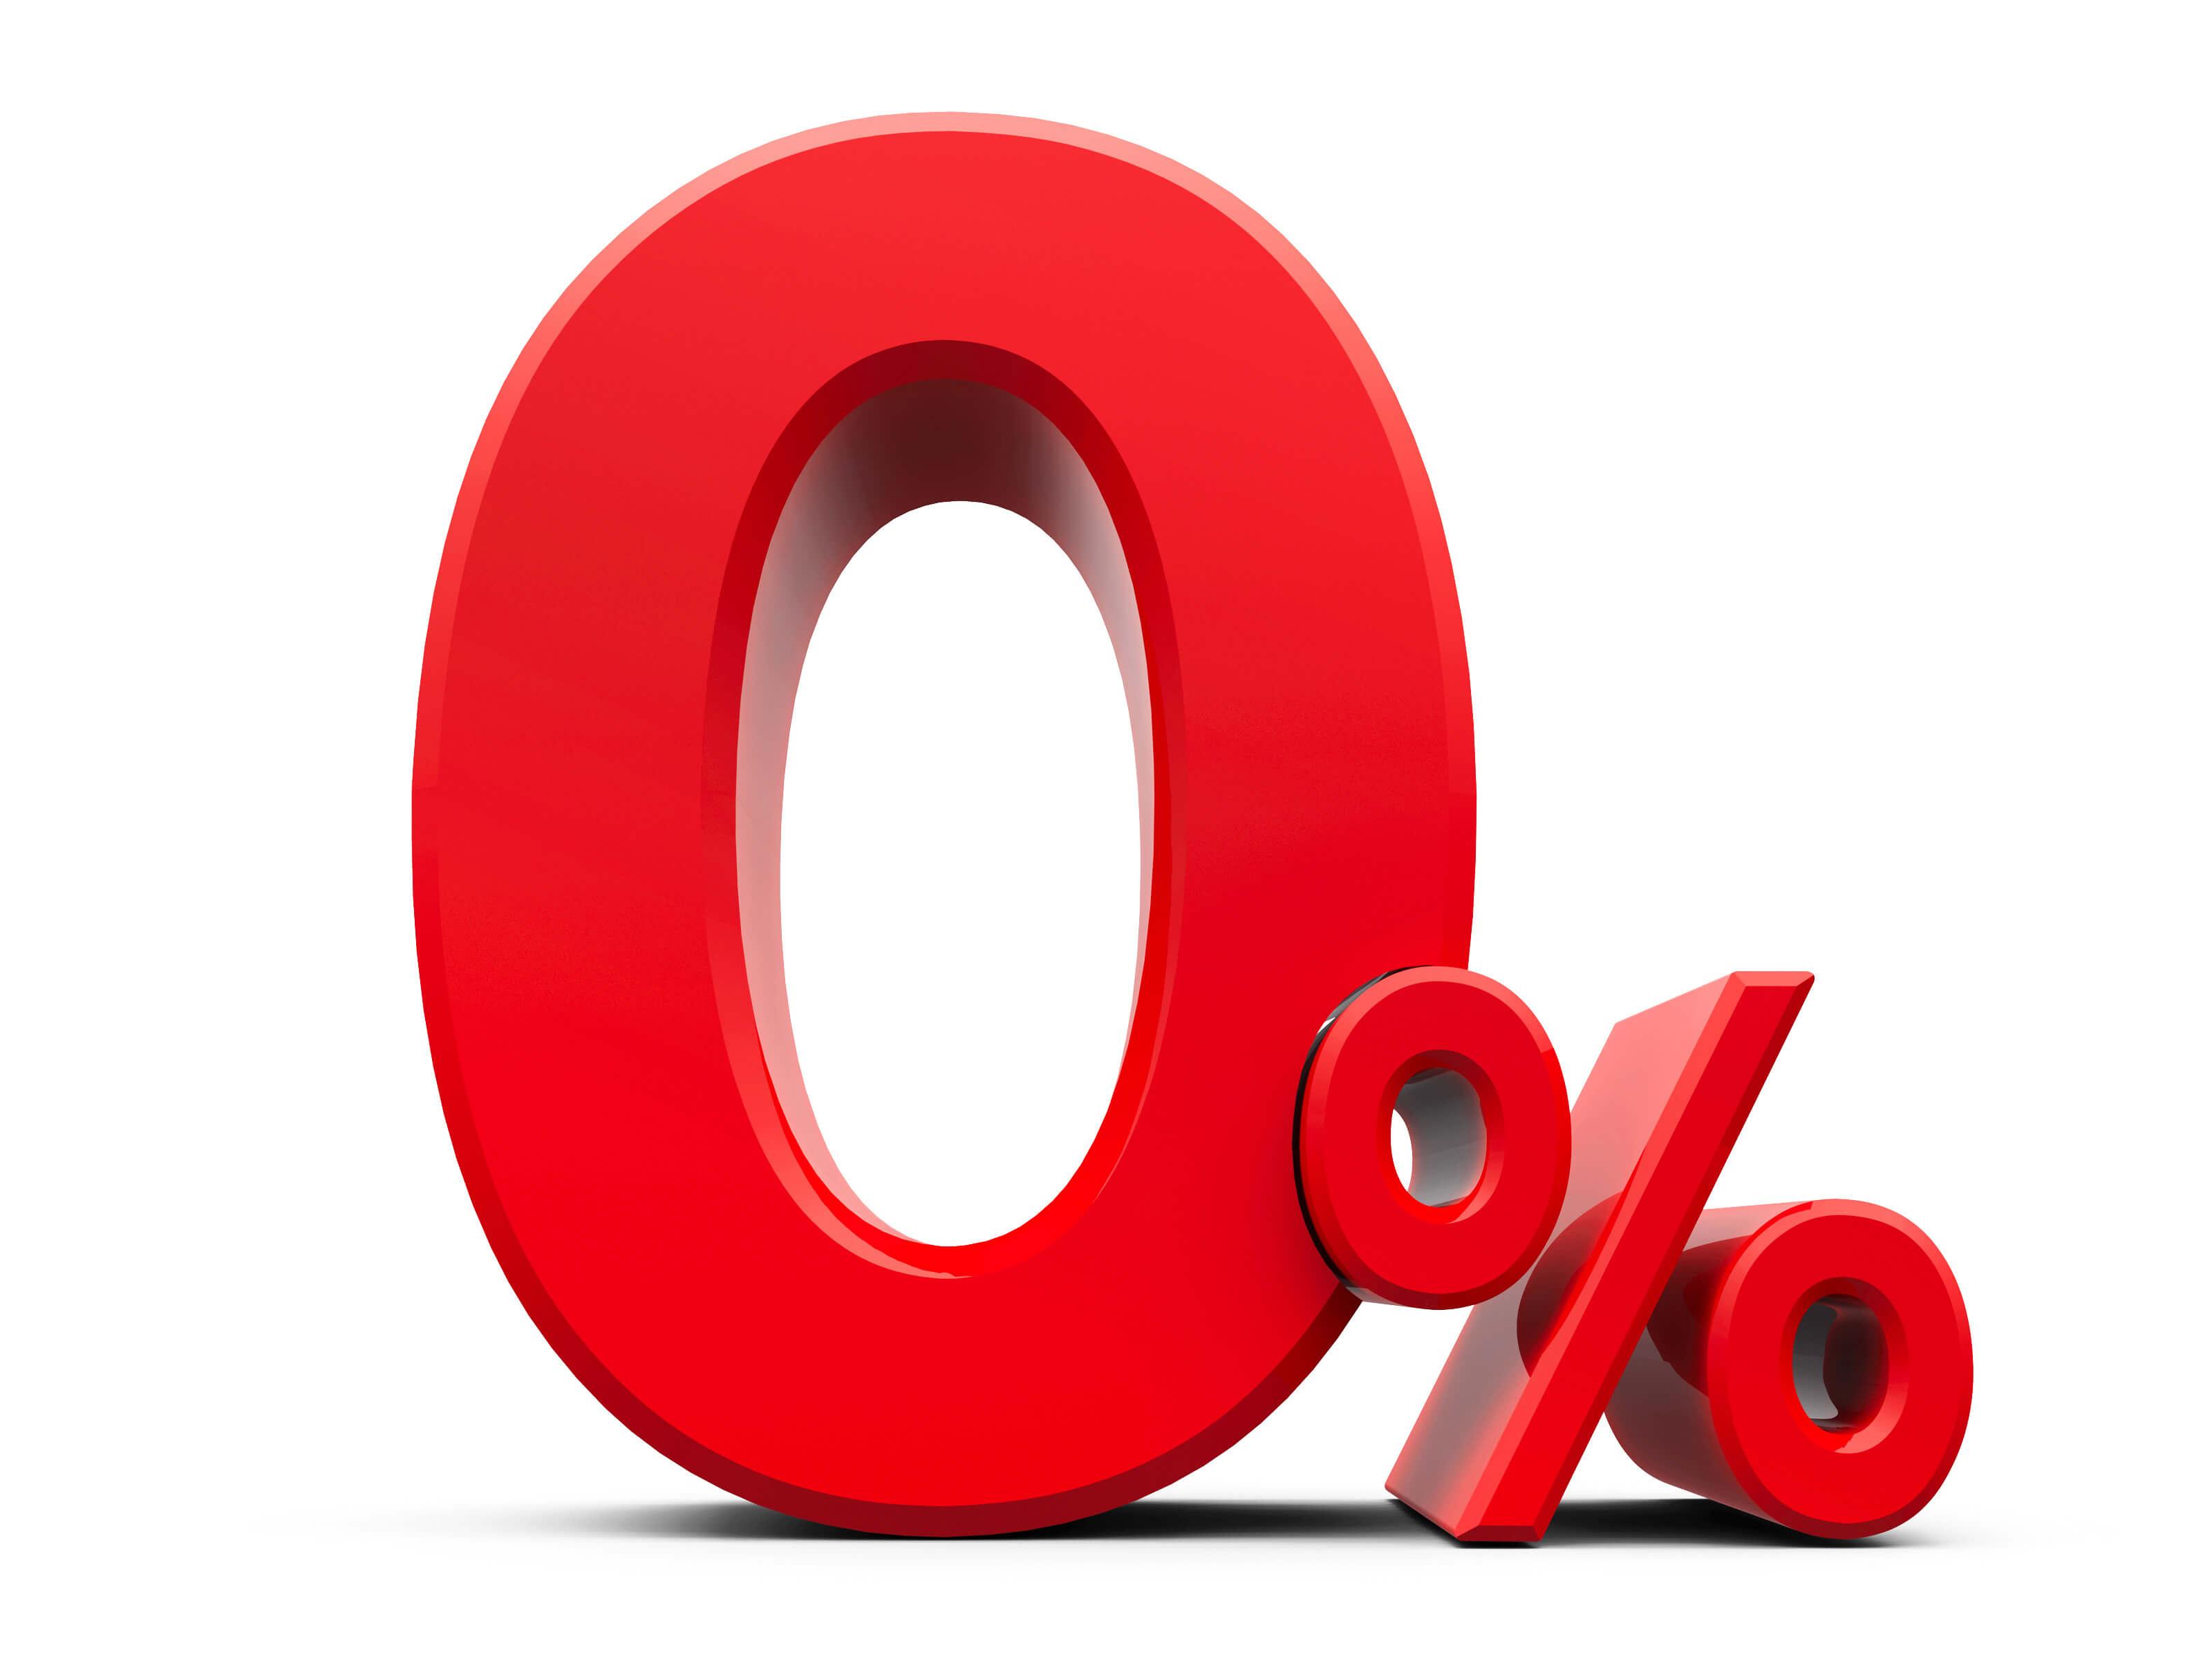 Zero zwyżki składki za płatność ratalną za ubezpieczenie, czyli czy można poprawić płynność finansową firmy, nie rezygnując z polisy ubezpieczeniowej